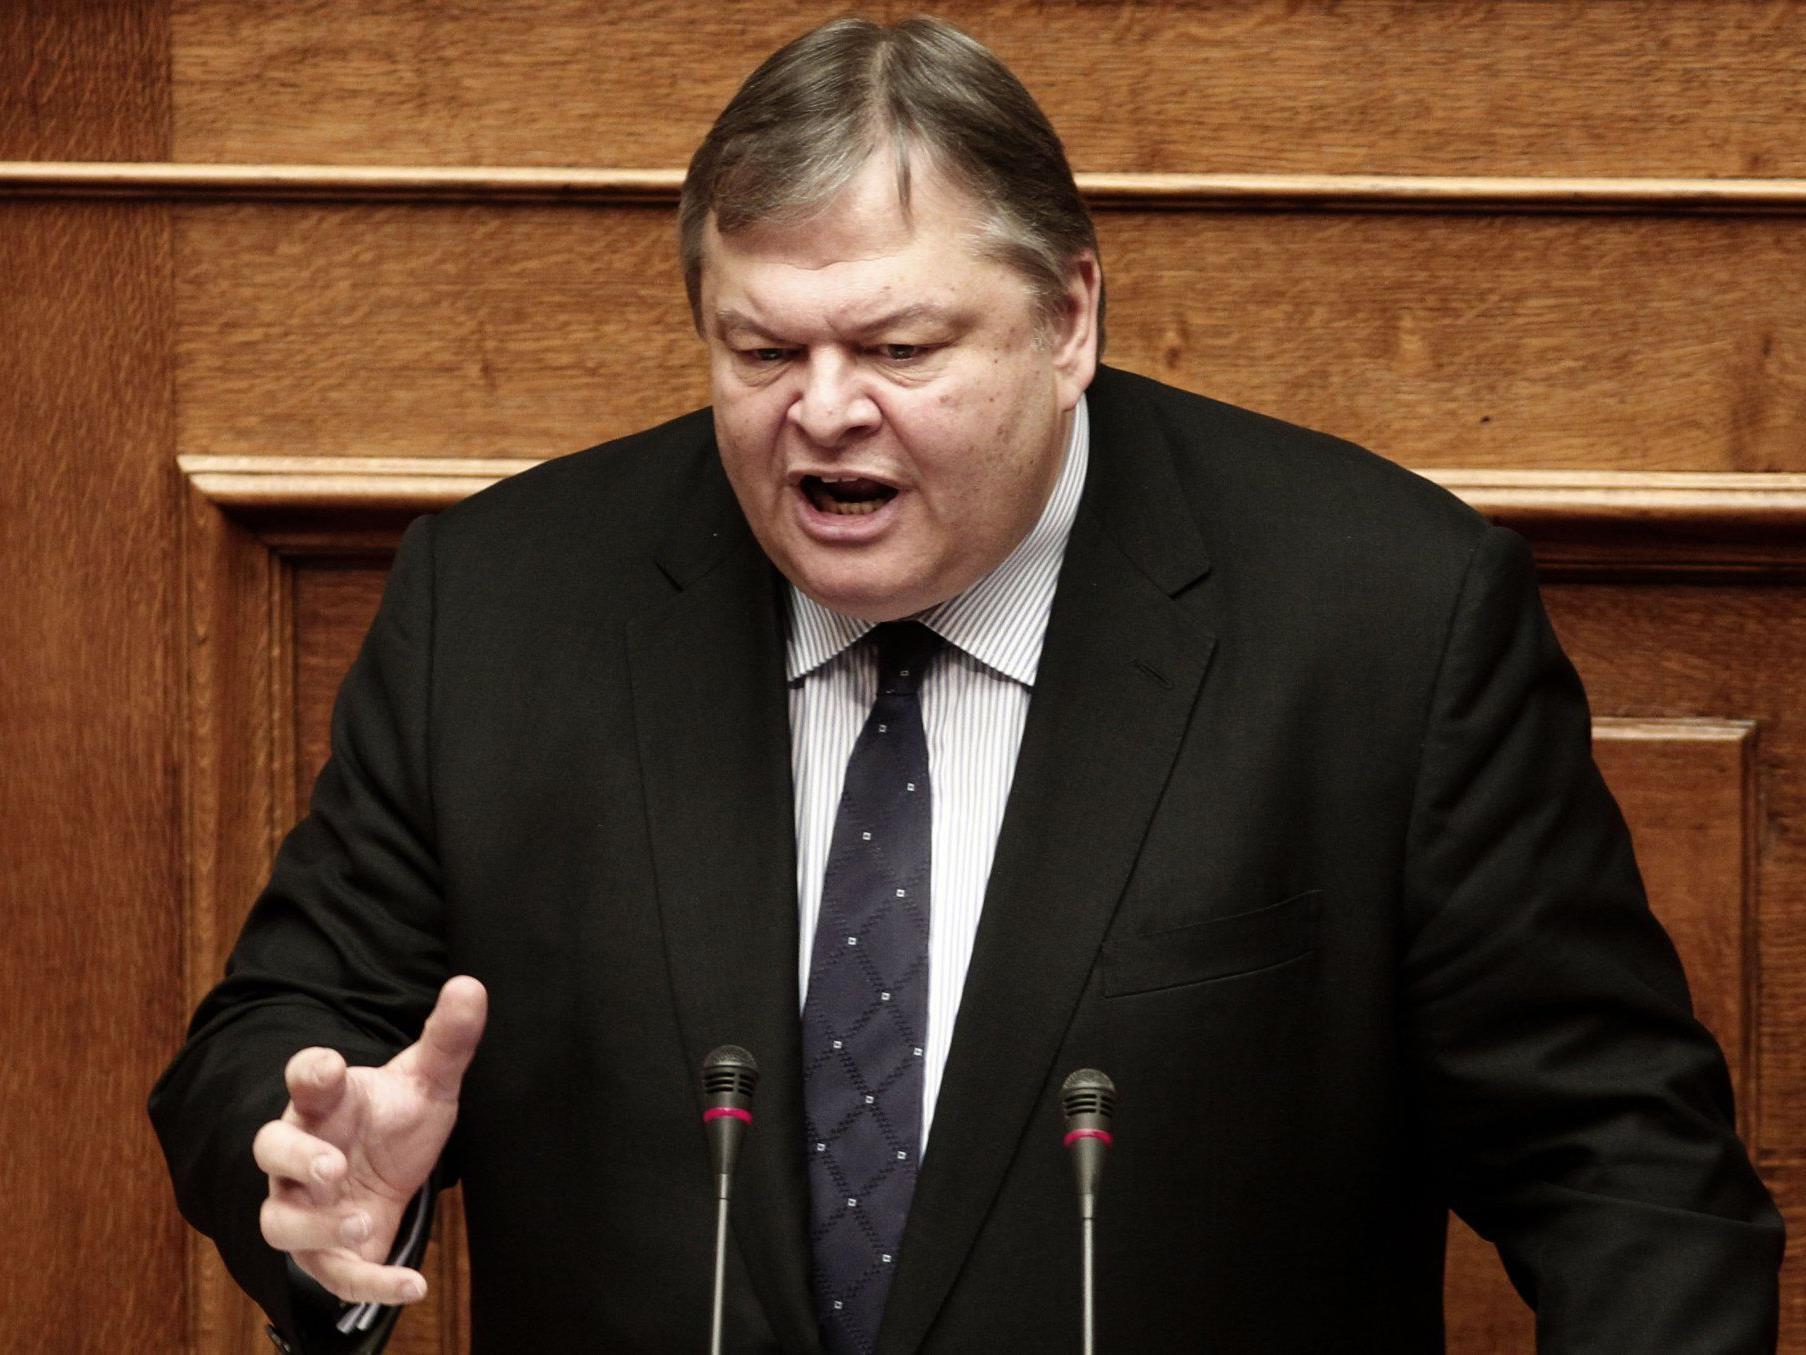 Der griechische Finanzminister Evangelos Venizelos.